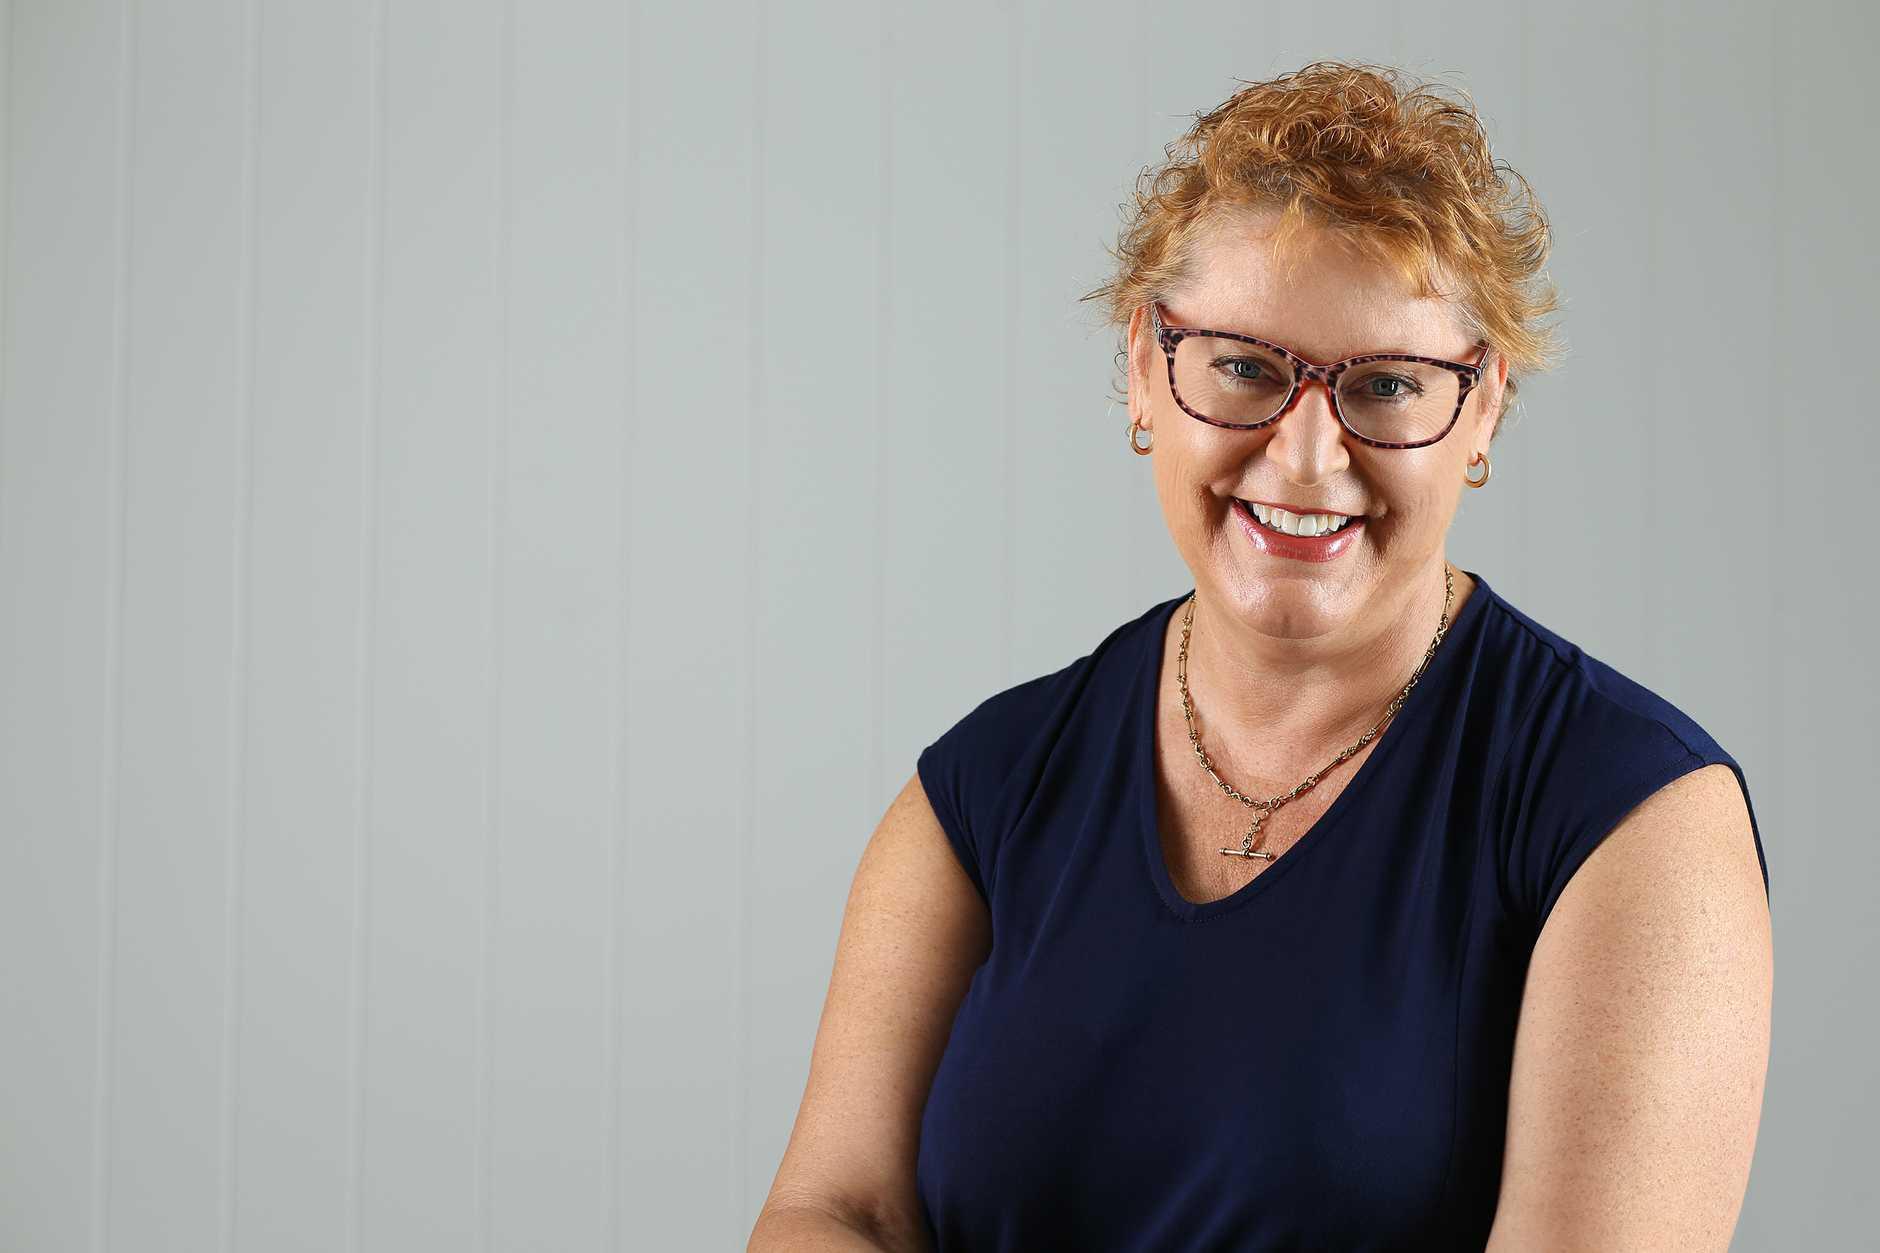 Karen Cook-Langdon